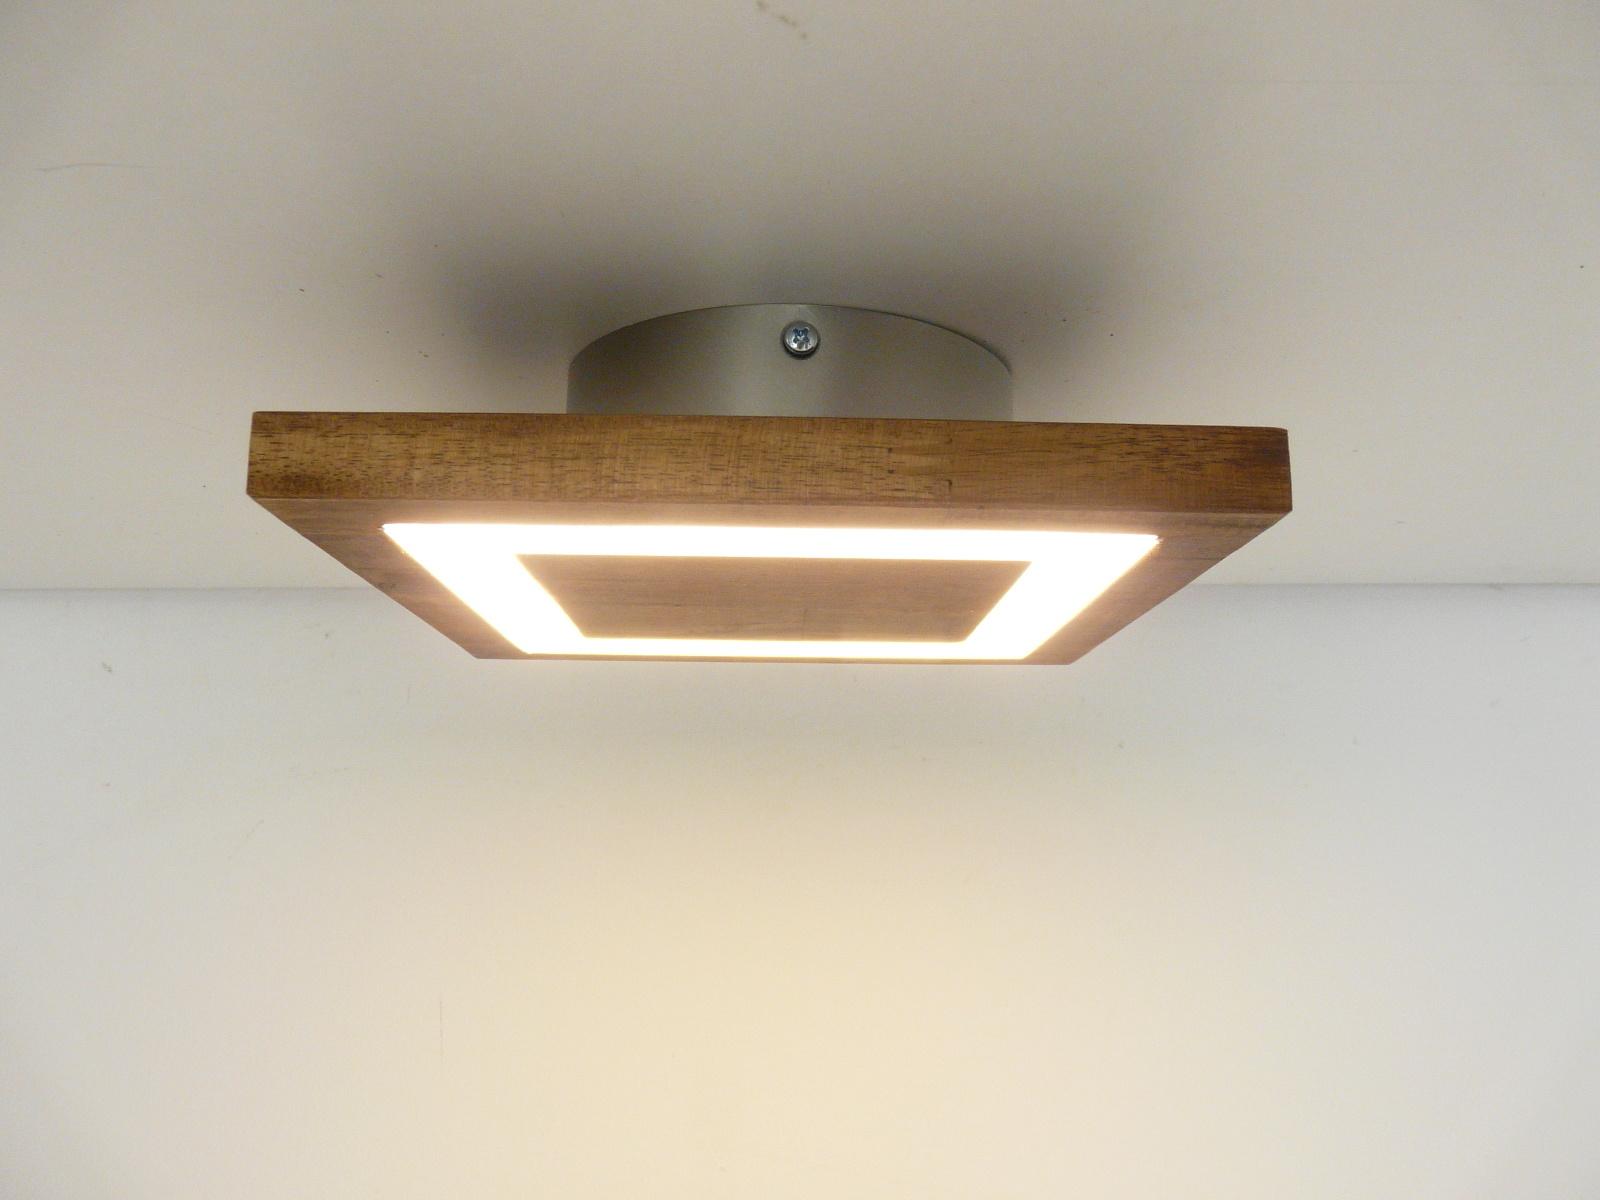 Full Size of Led Deckenlampe Dimmbar Holz Lampe Selbst Bauen Aus Selber Machen Holzbalken Deckenleuchte Rustikal Rund Deckenleuchten Peka Ideen Massivholz Betten Fliesen In Wohnzimmer Deckenlampe Holz